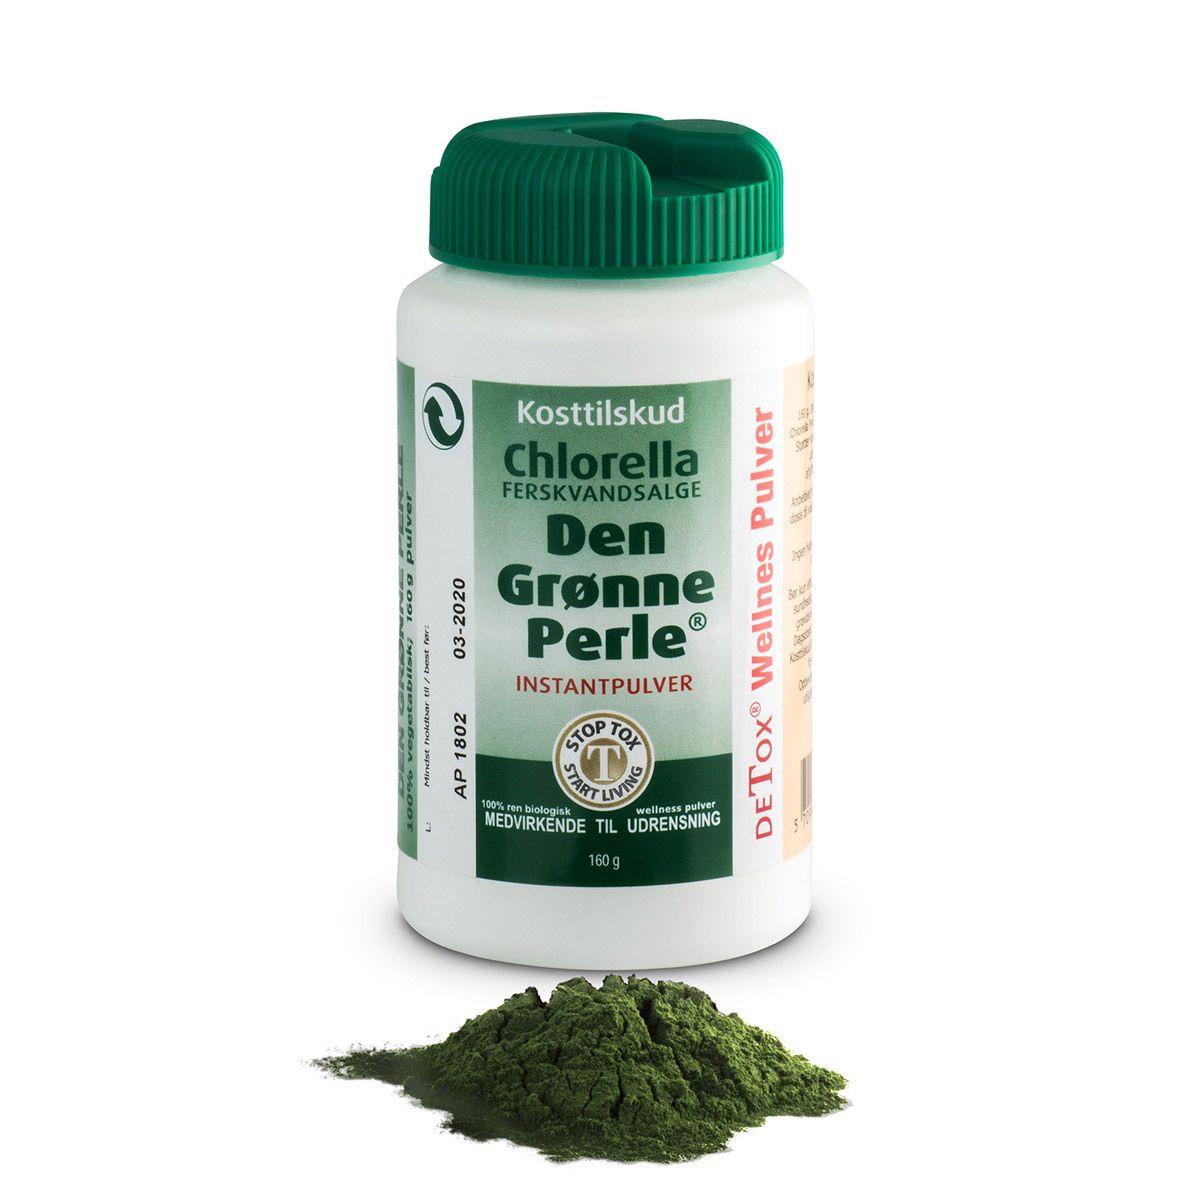 chlorella pulver dosering